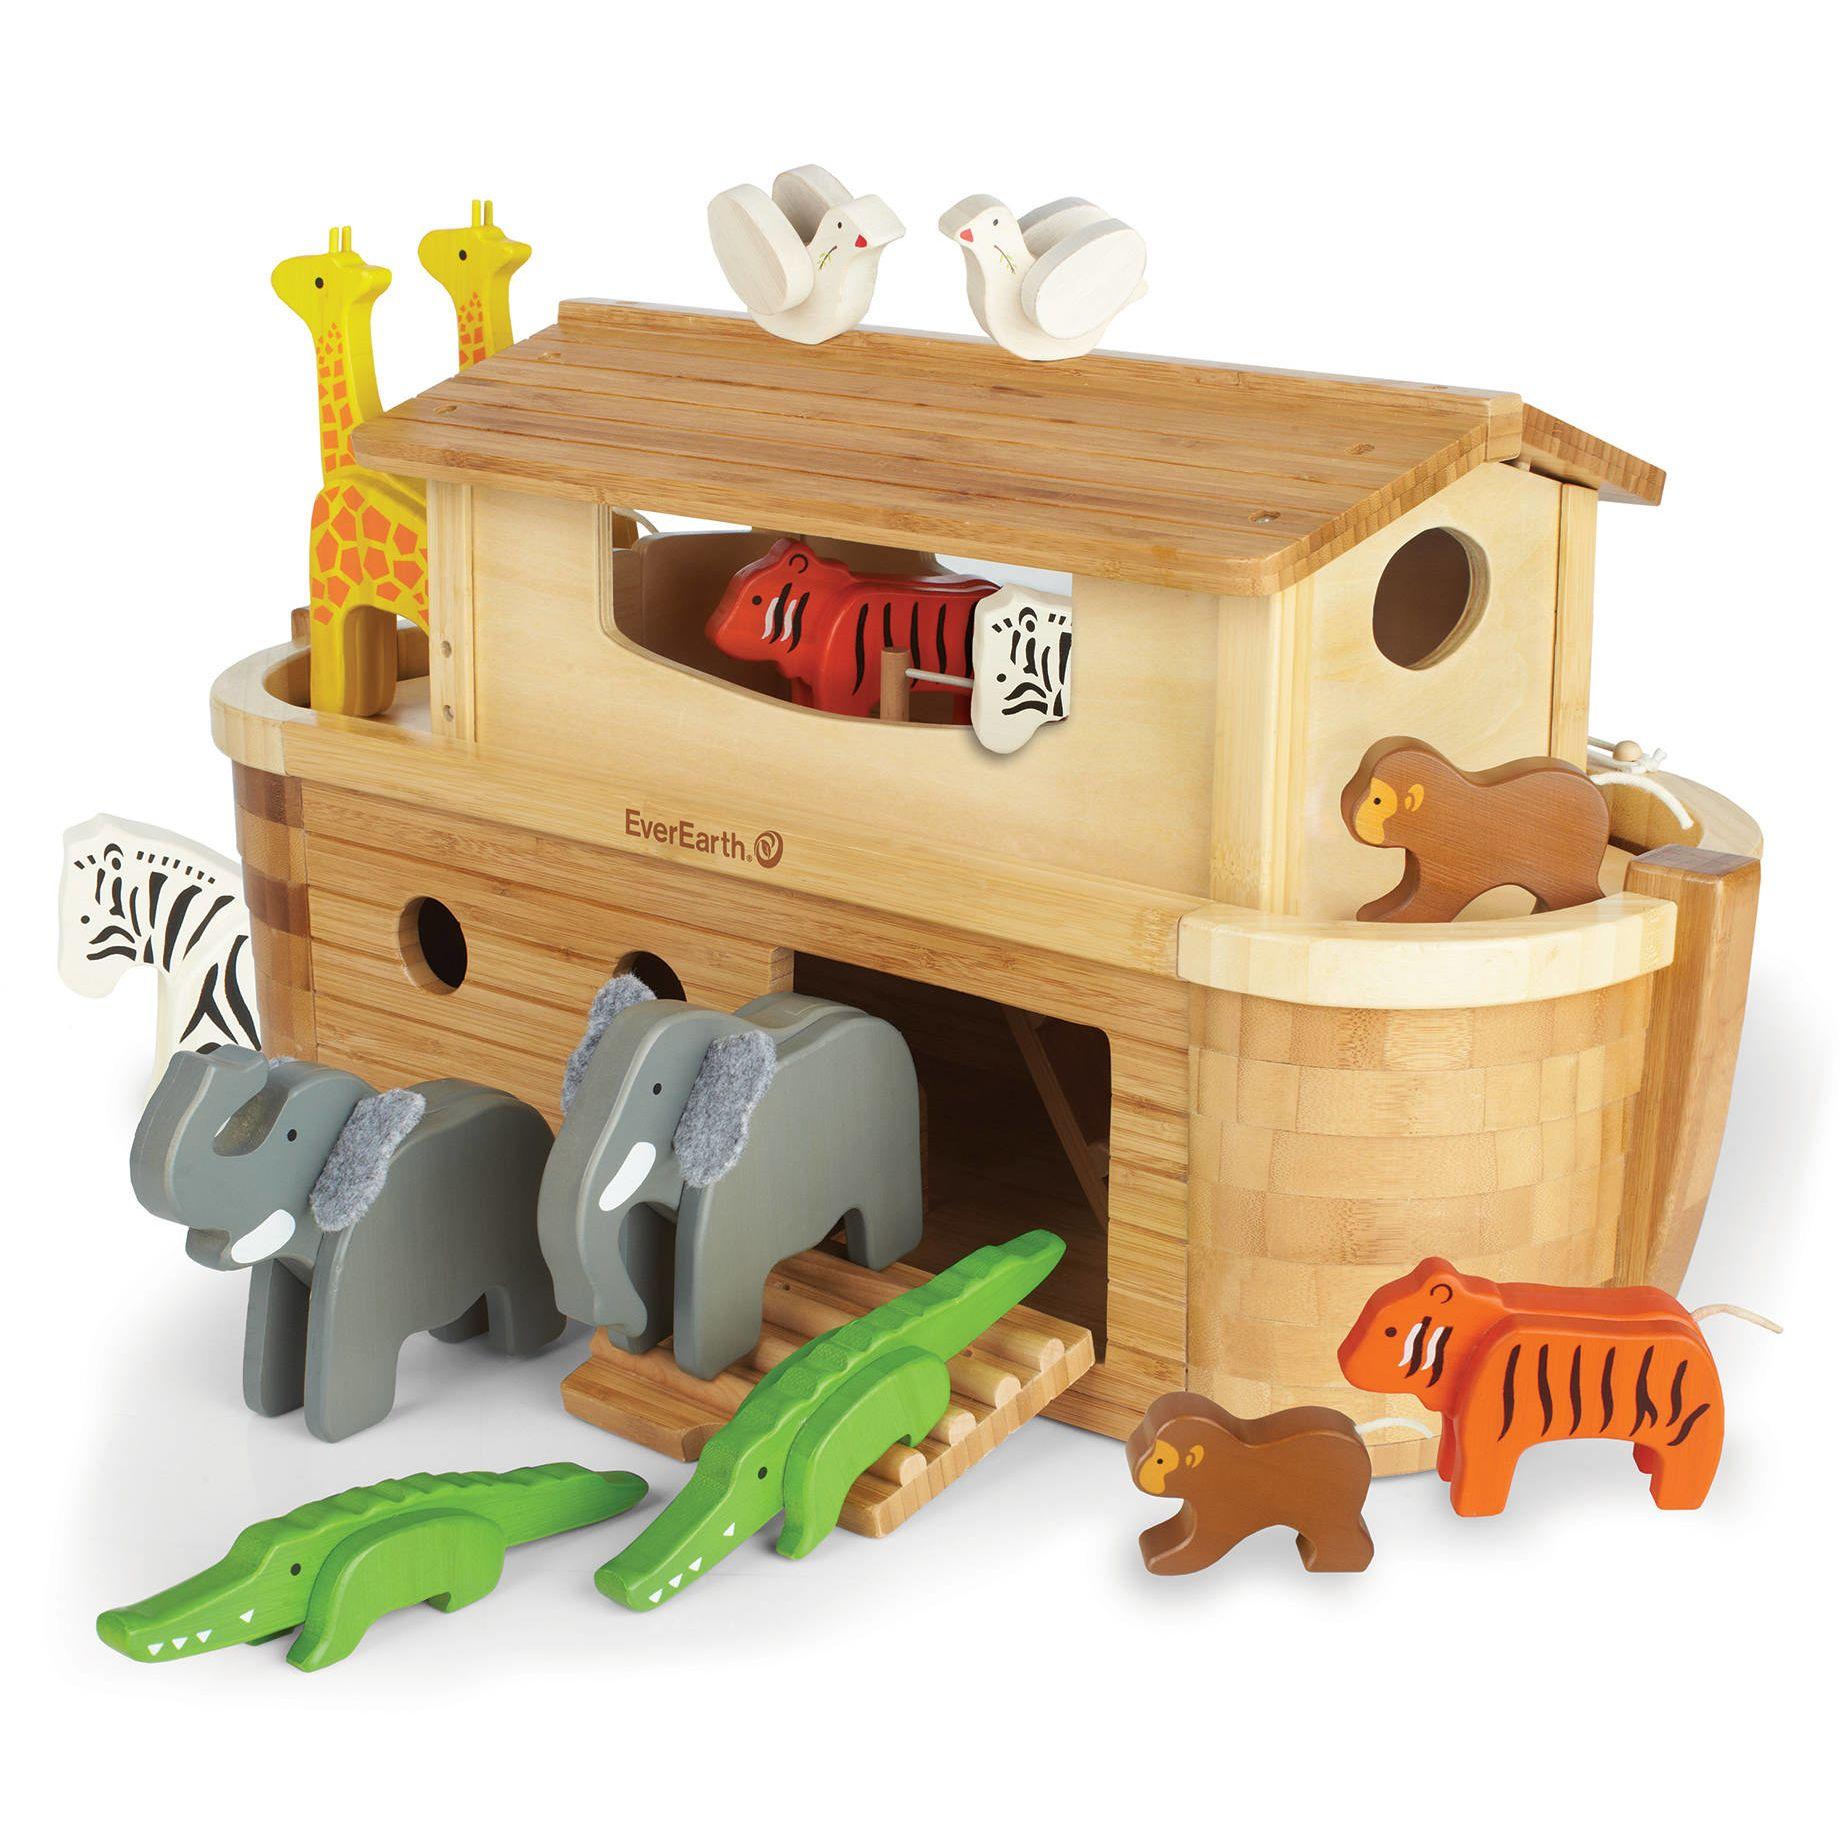 babys kinder spielzeug f r kinder holzspielzeug arche noah aus holz und bambus mit 14. Black Bedroom Furniture Sets. Home Design Ideas